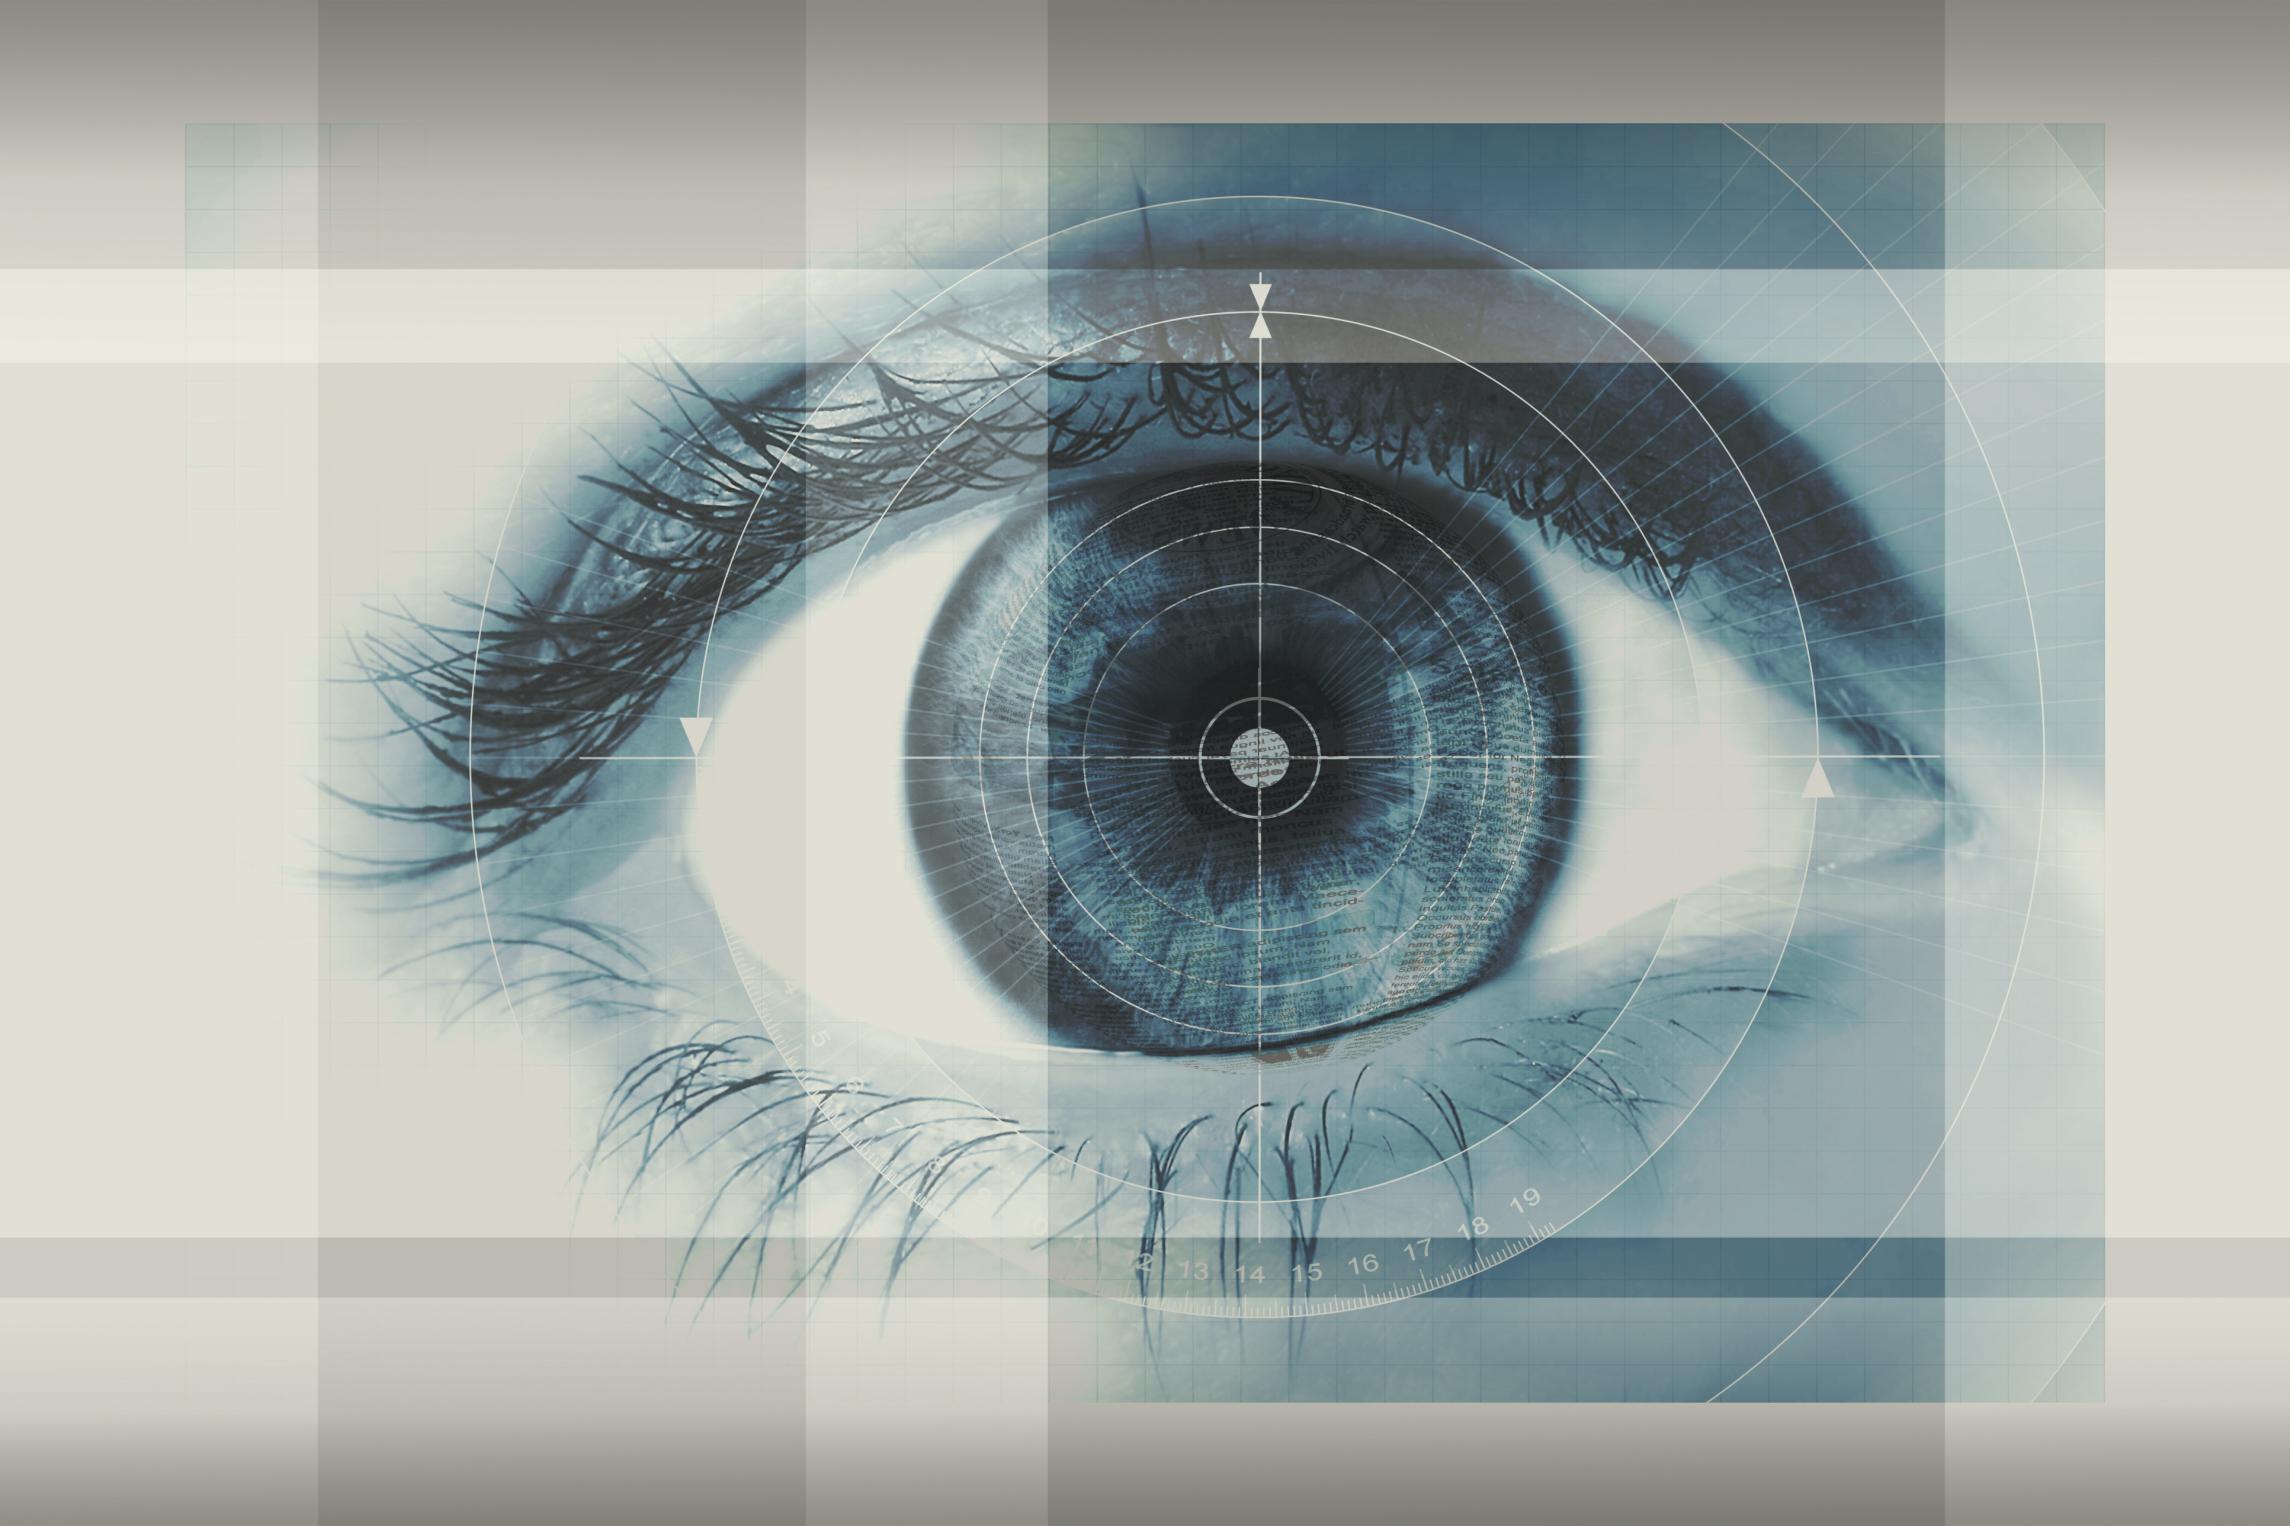 enfermedad de Stargardt, Kubota Vision, medicamento huérfano